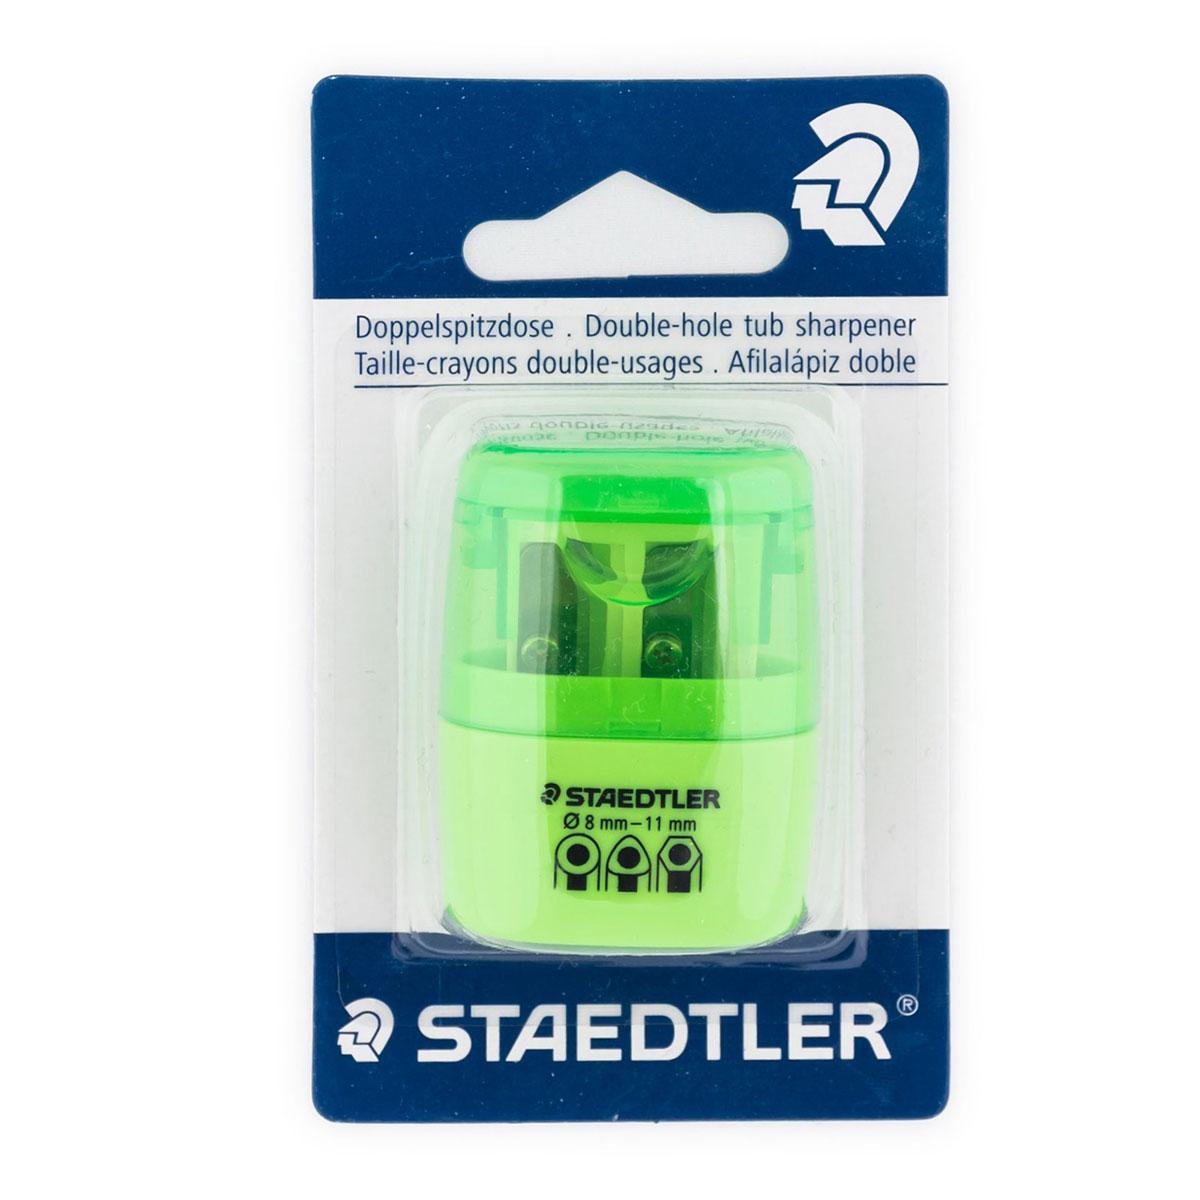 Staedtler Точилка на 2 отверстия51260F50BKТочилка в пластиковом корпусе на 2 отверстия. Подходит для чернографитовых стандартных карандашей диаметром до 8,2 мм с углом заточки 23° для четких и аккуратных линий. Также для толстых чернографитовых и цветных карандашей диаметром до 11 мм, угол заточки 30° для широких и ровных линий. Металлическая затачивающая часть. Закрытая конструкция предотвращает высыпание мусора во время заточки. Безопасный крепеж крышки.